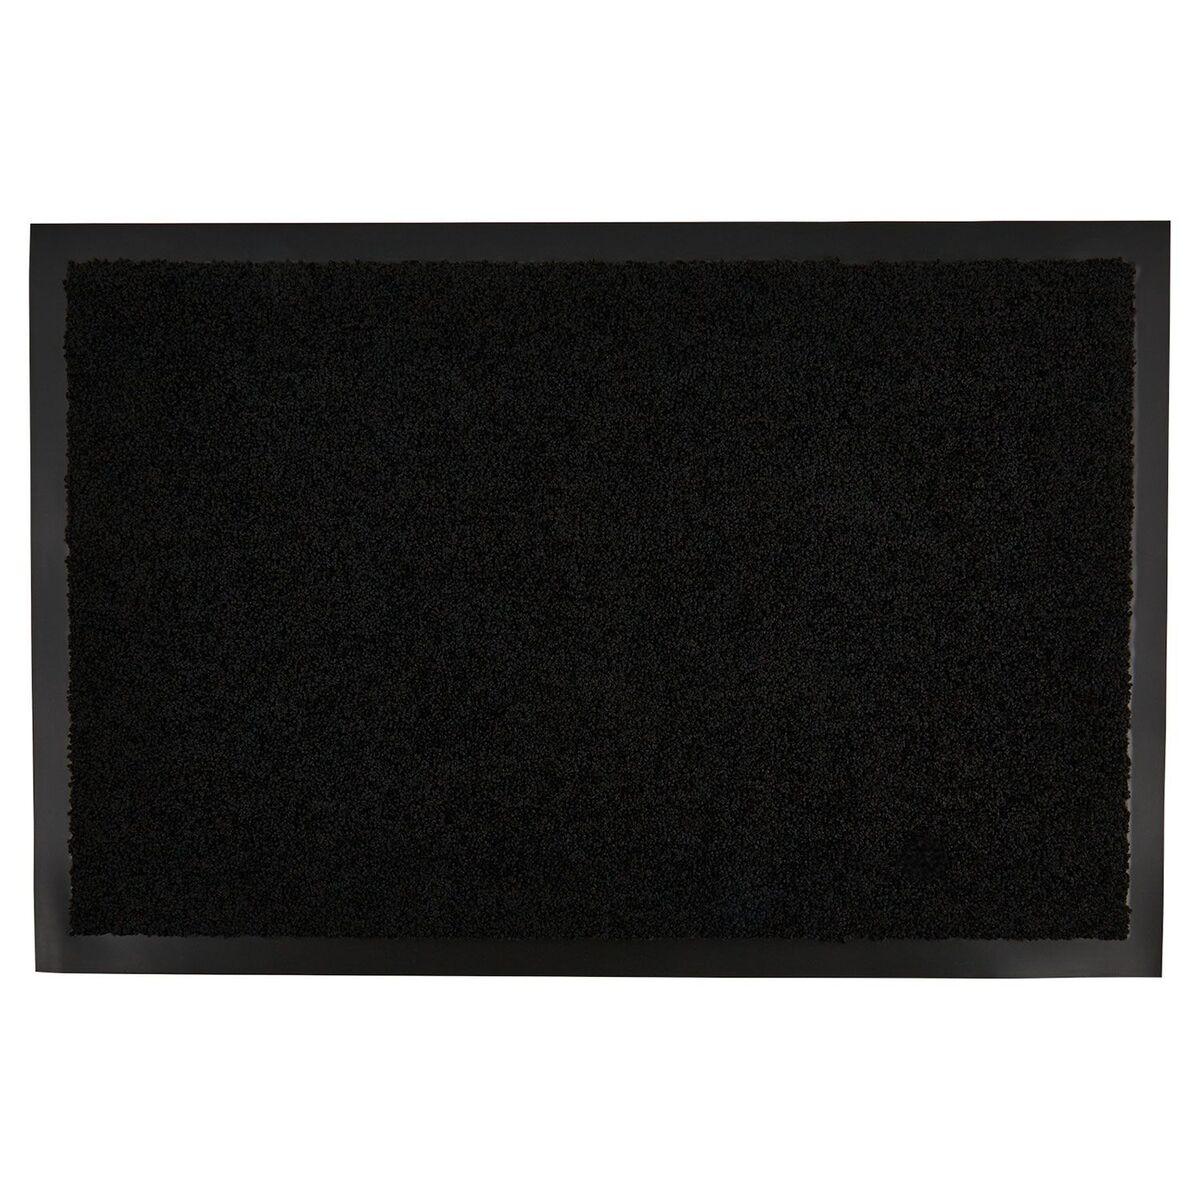 Bild 5 von TUKAN Schmutzfangmatte, 50 x 75 cm